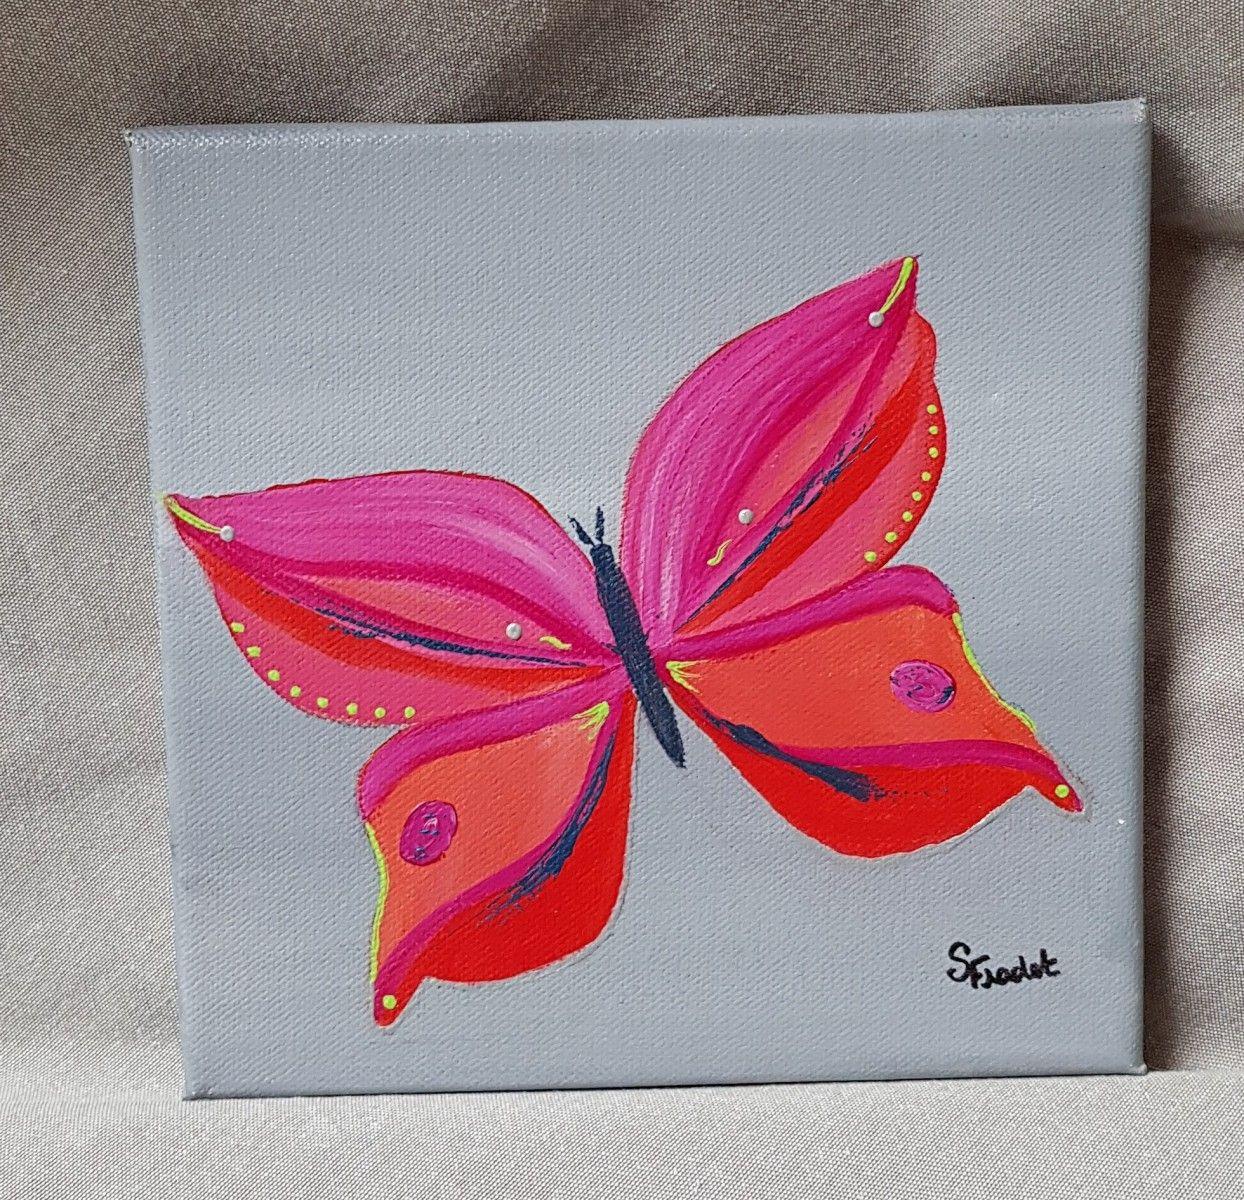 Tableau Acrylique Decoration Chambre Enfant Modele Papillon Ii Decoration Chambre Enfant Tableau Acrylique Peinture Papillon